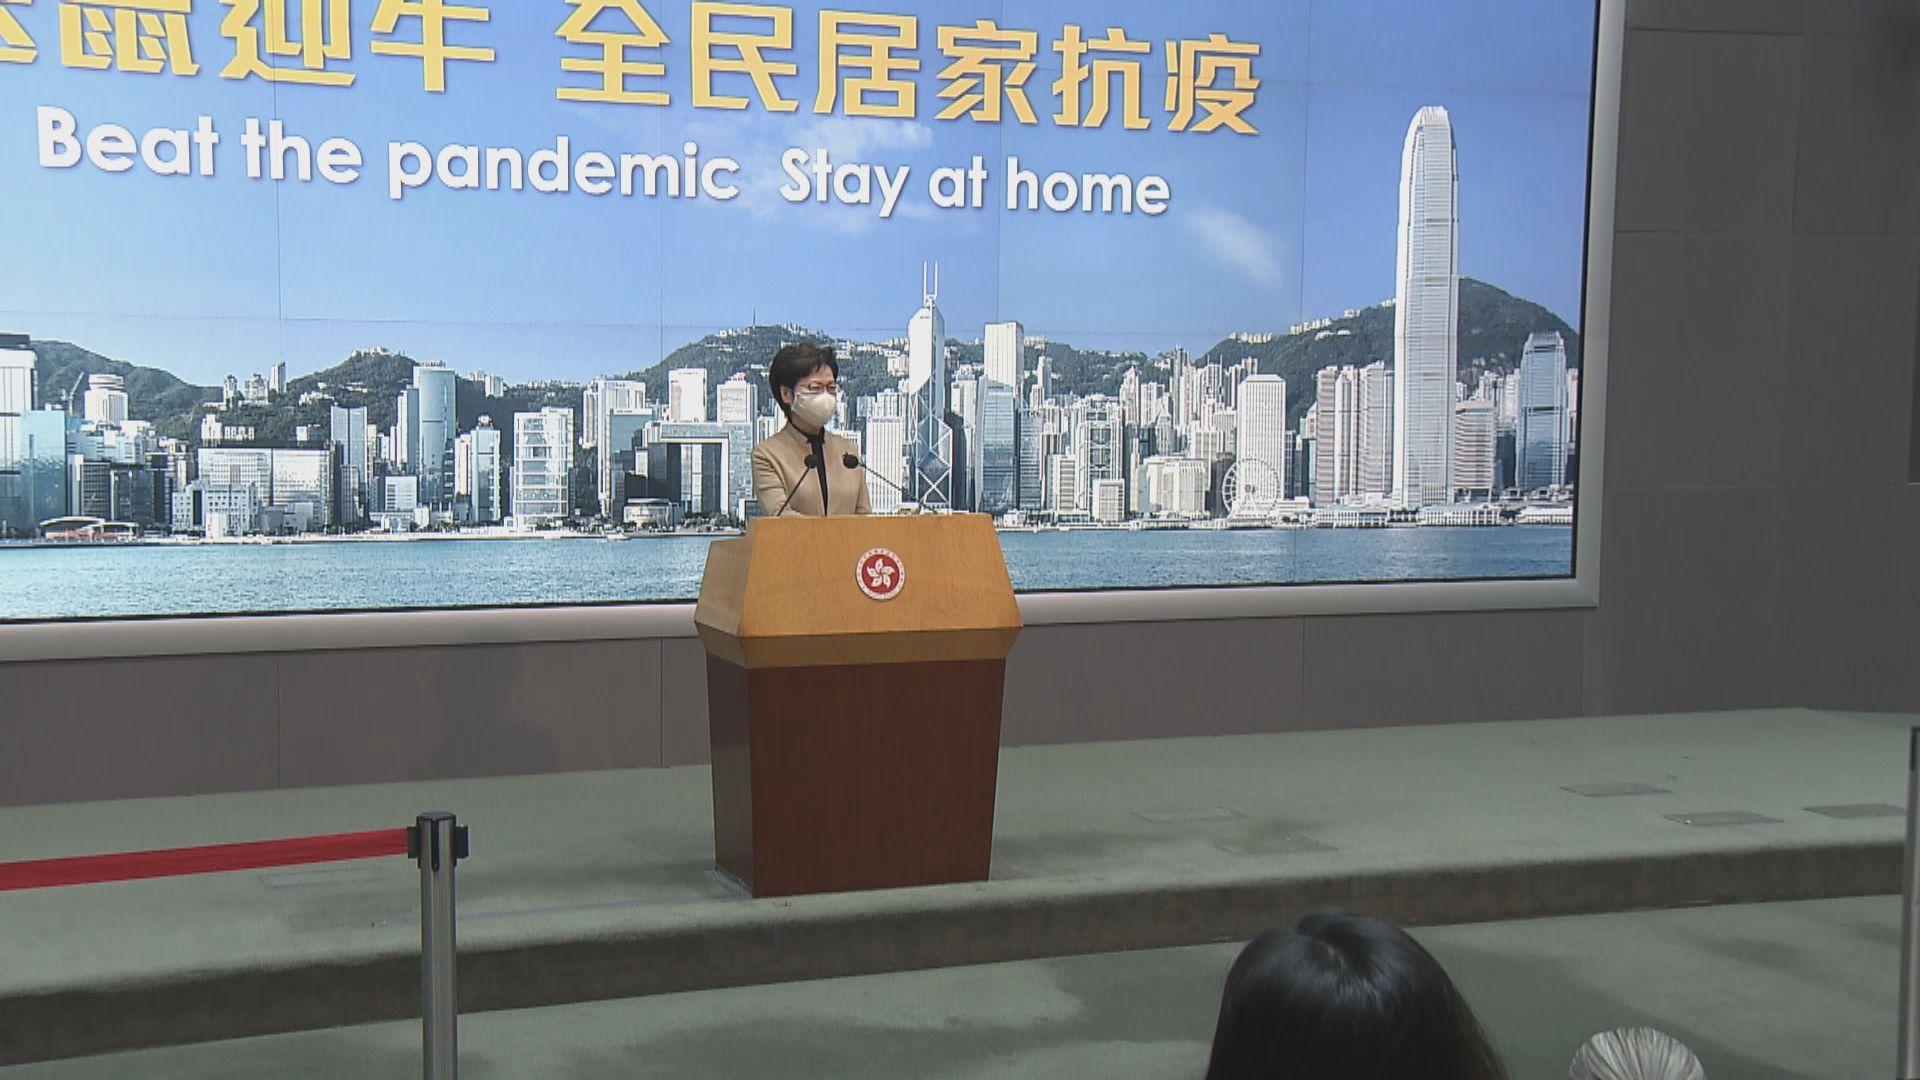 林鄭:市民要以客觀科學看待接種疫苗 勿有政治滲入